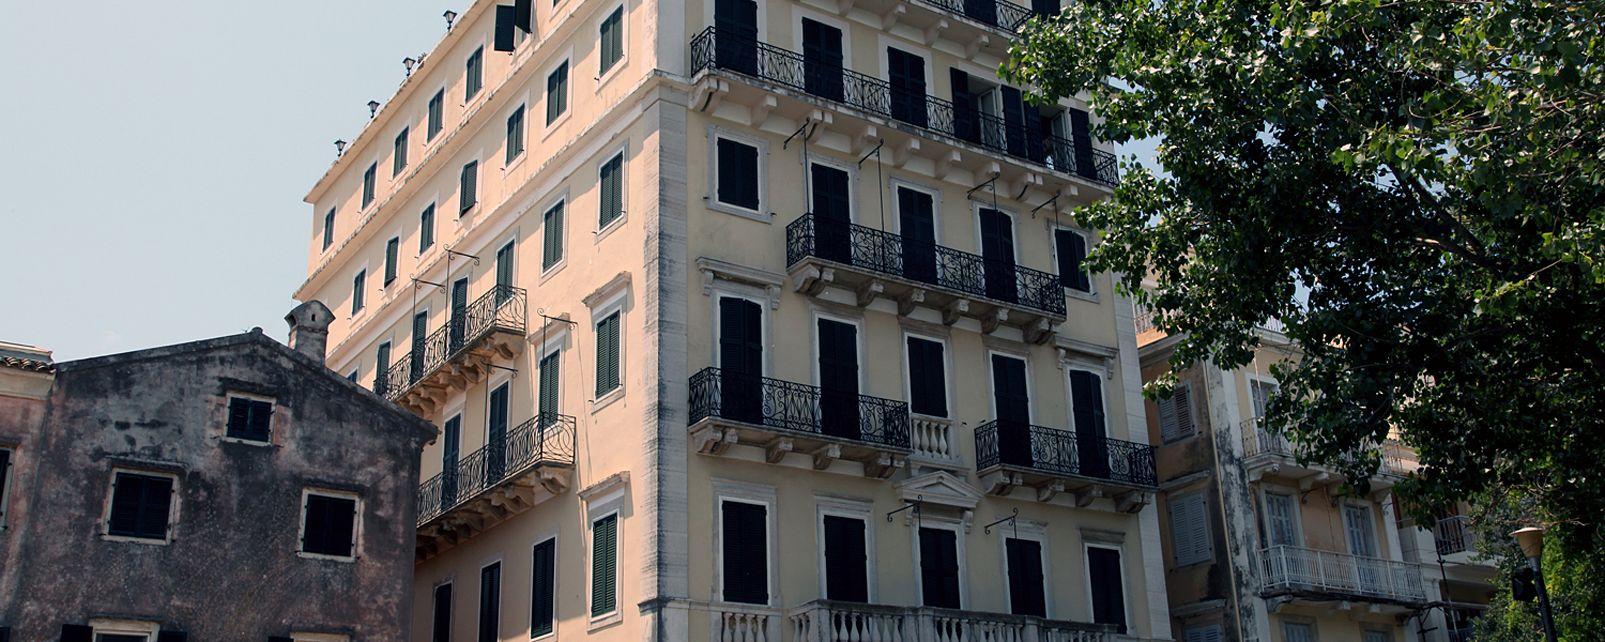 Hôtel Cavalieri